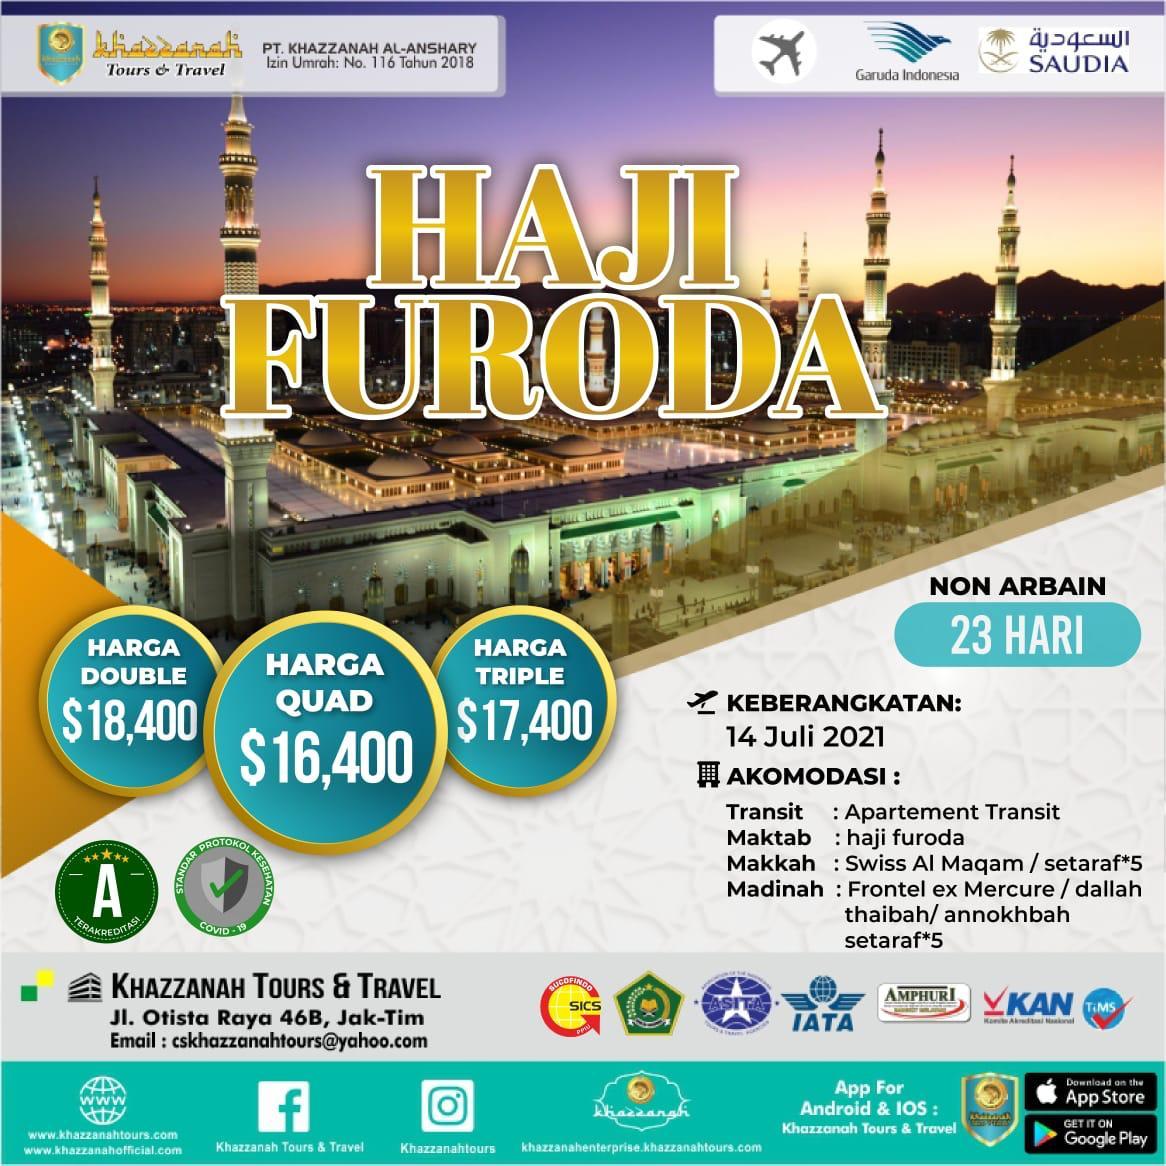 Paket Haji Furoda